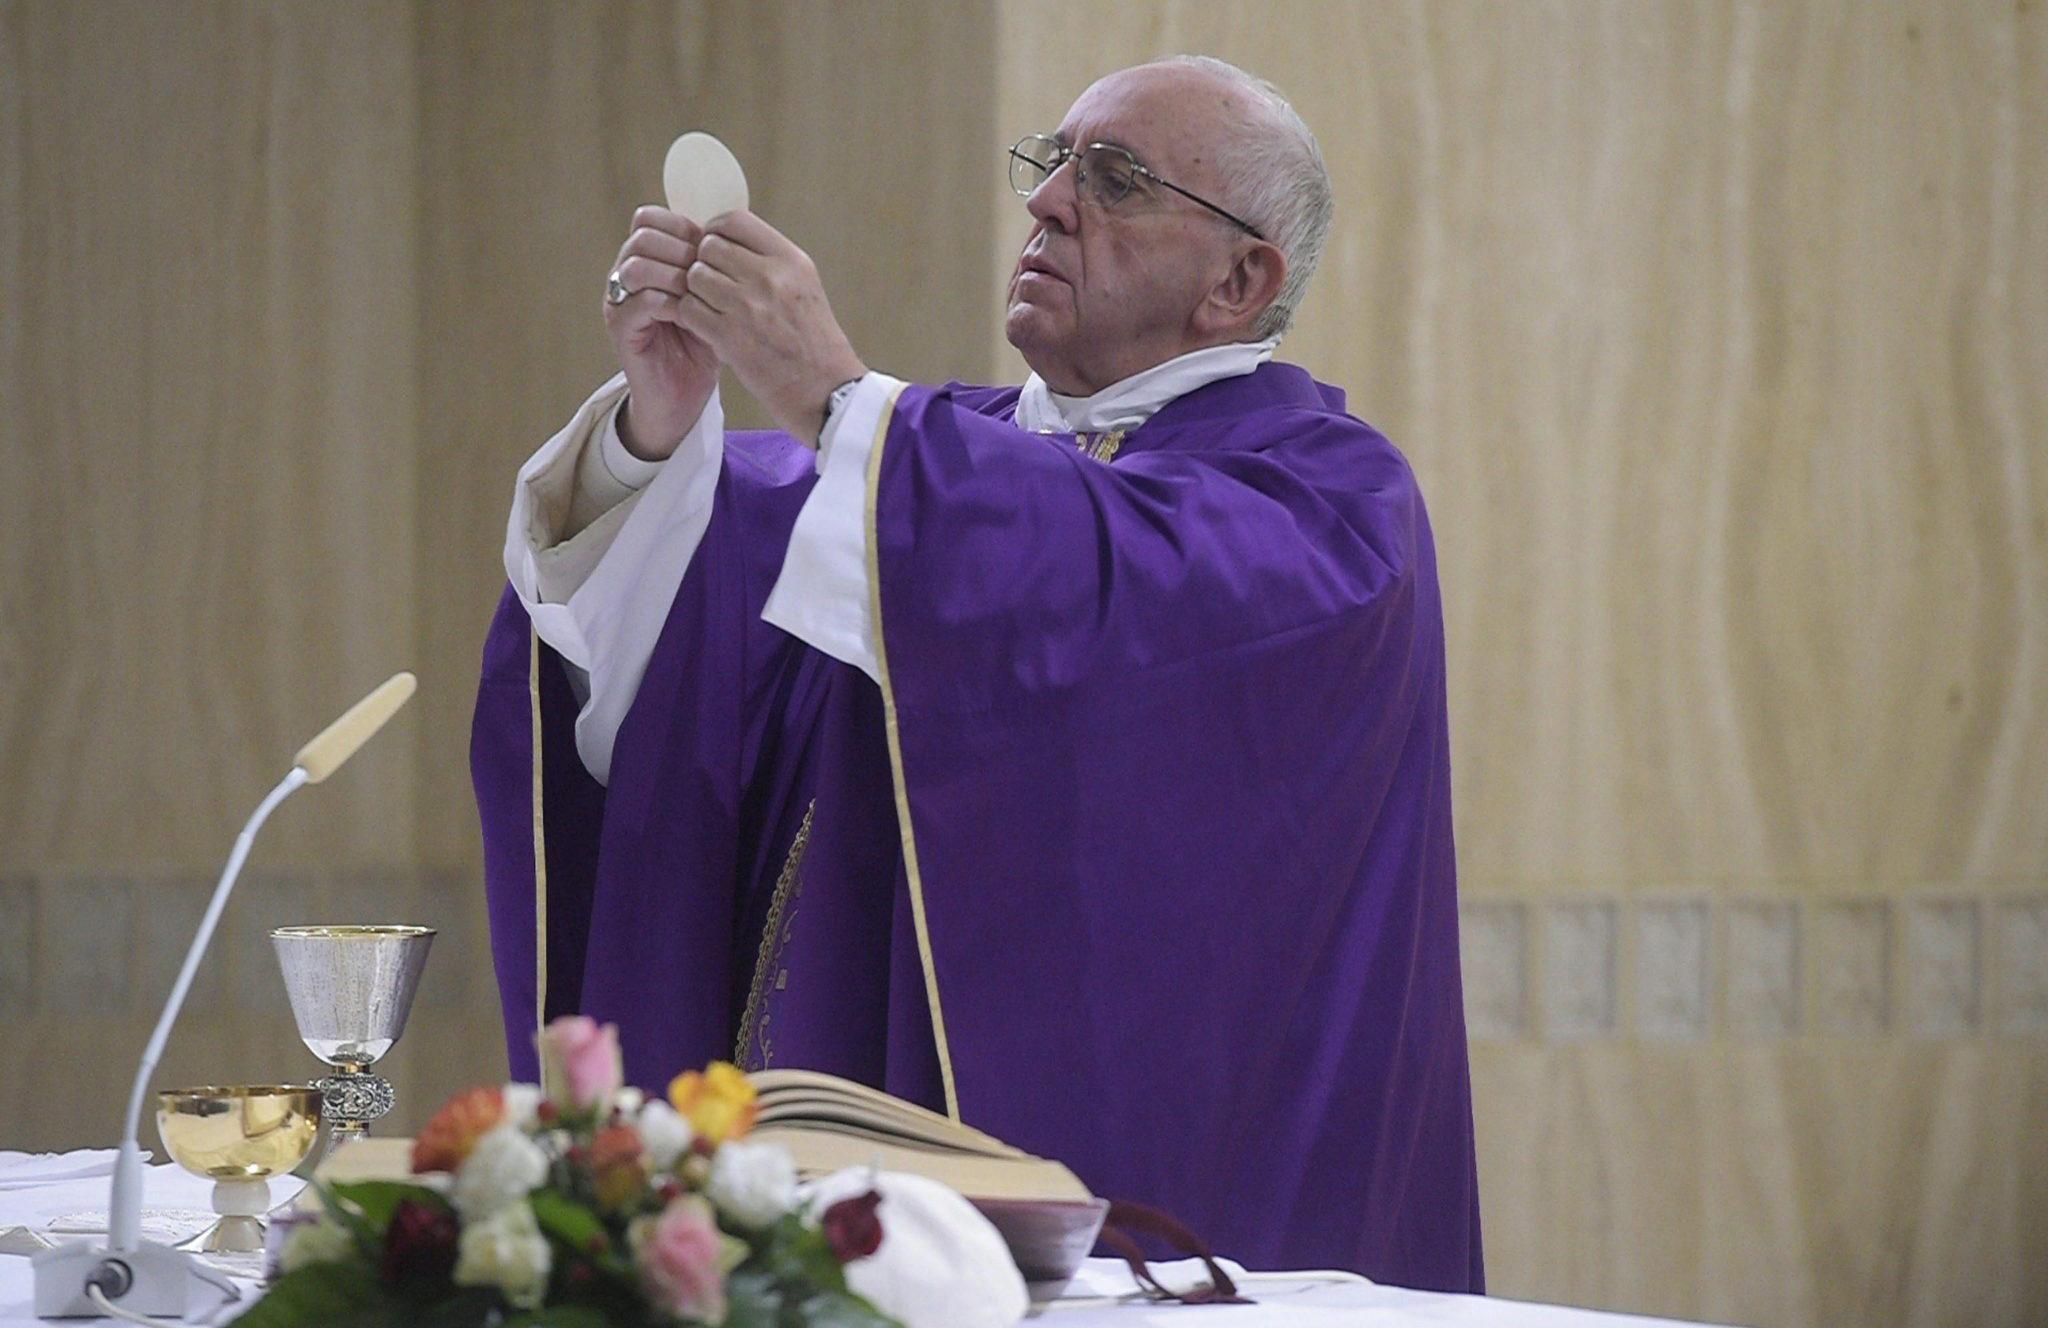 Watykan: papież Franciszek podczas odprawiania Mszy św. w Domu św. Marty (foto. PAP/EPA/OSSERVATORE ROMANO)